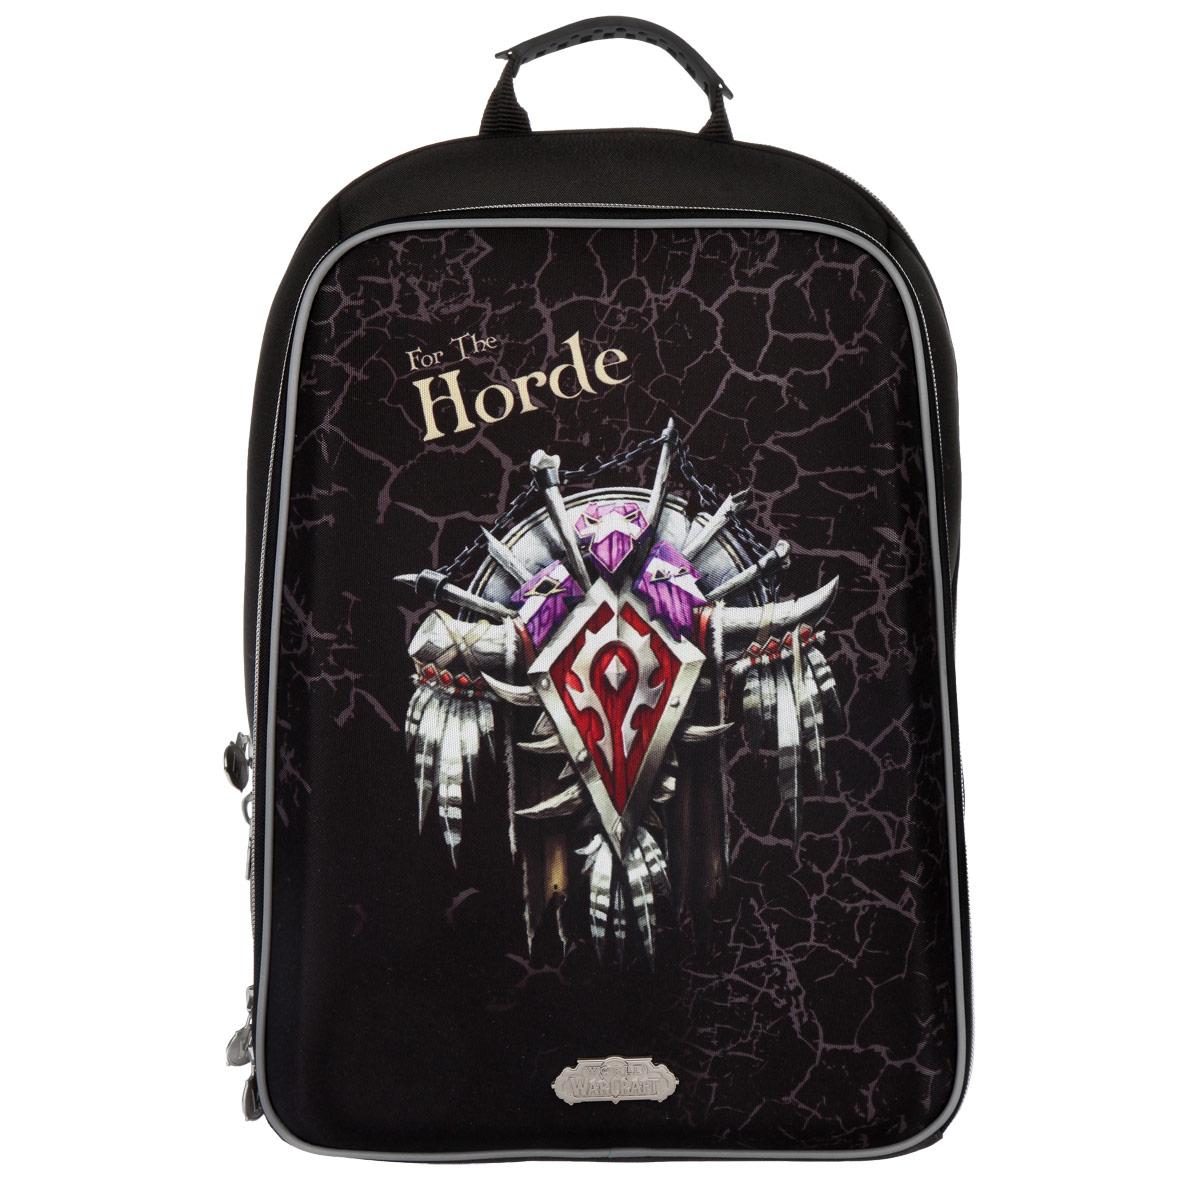 Рюкзак Proff World of Warcraft, жесткая форма, цвет: черныйWC15-HBP-02Рюкзак Proff War Craft выполнен из высококачественного плотного материала и отлично держит форму. Рюкзак содержит одно основное и одно дополнительное отделения. В основном отделении имеется двойной сквозной карман на липучке, подходящий для переноски ноутбука и документов формата А4. Дополнительное отделение содержит карман-сетку на застежке-молнии и большой открытый карман с нашитыми на него маленькими открытыми карманами для различных принадлежностей. Эргономичная конструкция спинки снижает давление и оптимально распределяет нагрузку на позвоночник ребенка, способствуя формированию правильной осанки. Для удобства и комфорта спинка и лямки изделия дополнены эргономичными подушечками и противоскользящей сеточкой с вентиляционными отверстиями. Ранец оснащен текстильной ручкой с резиновой насадкой для удобной переноски в руке. Широкие мягкие лямки регулируются по длине и равномерно распределяют нагрузку на плечевой пояс. Устойчивое дно ранца изготовлено из прочного...